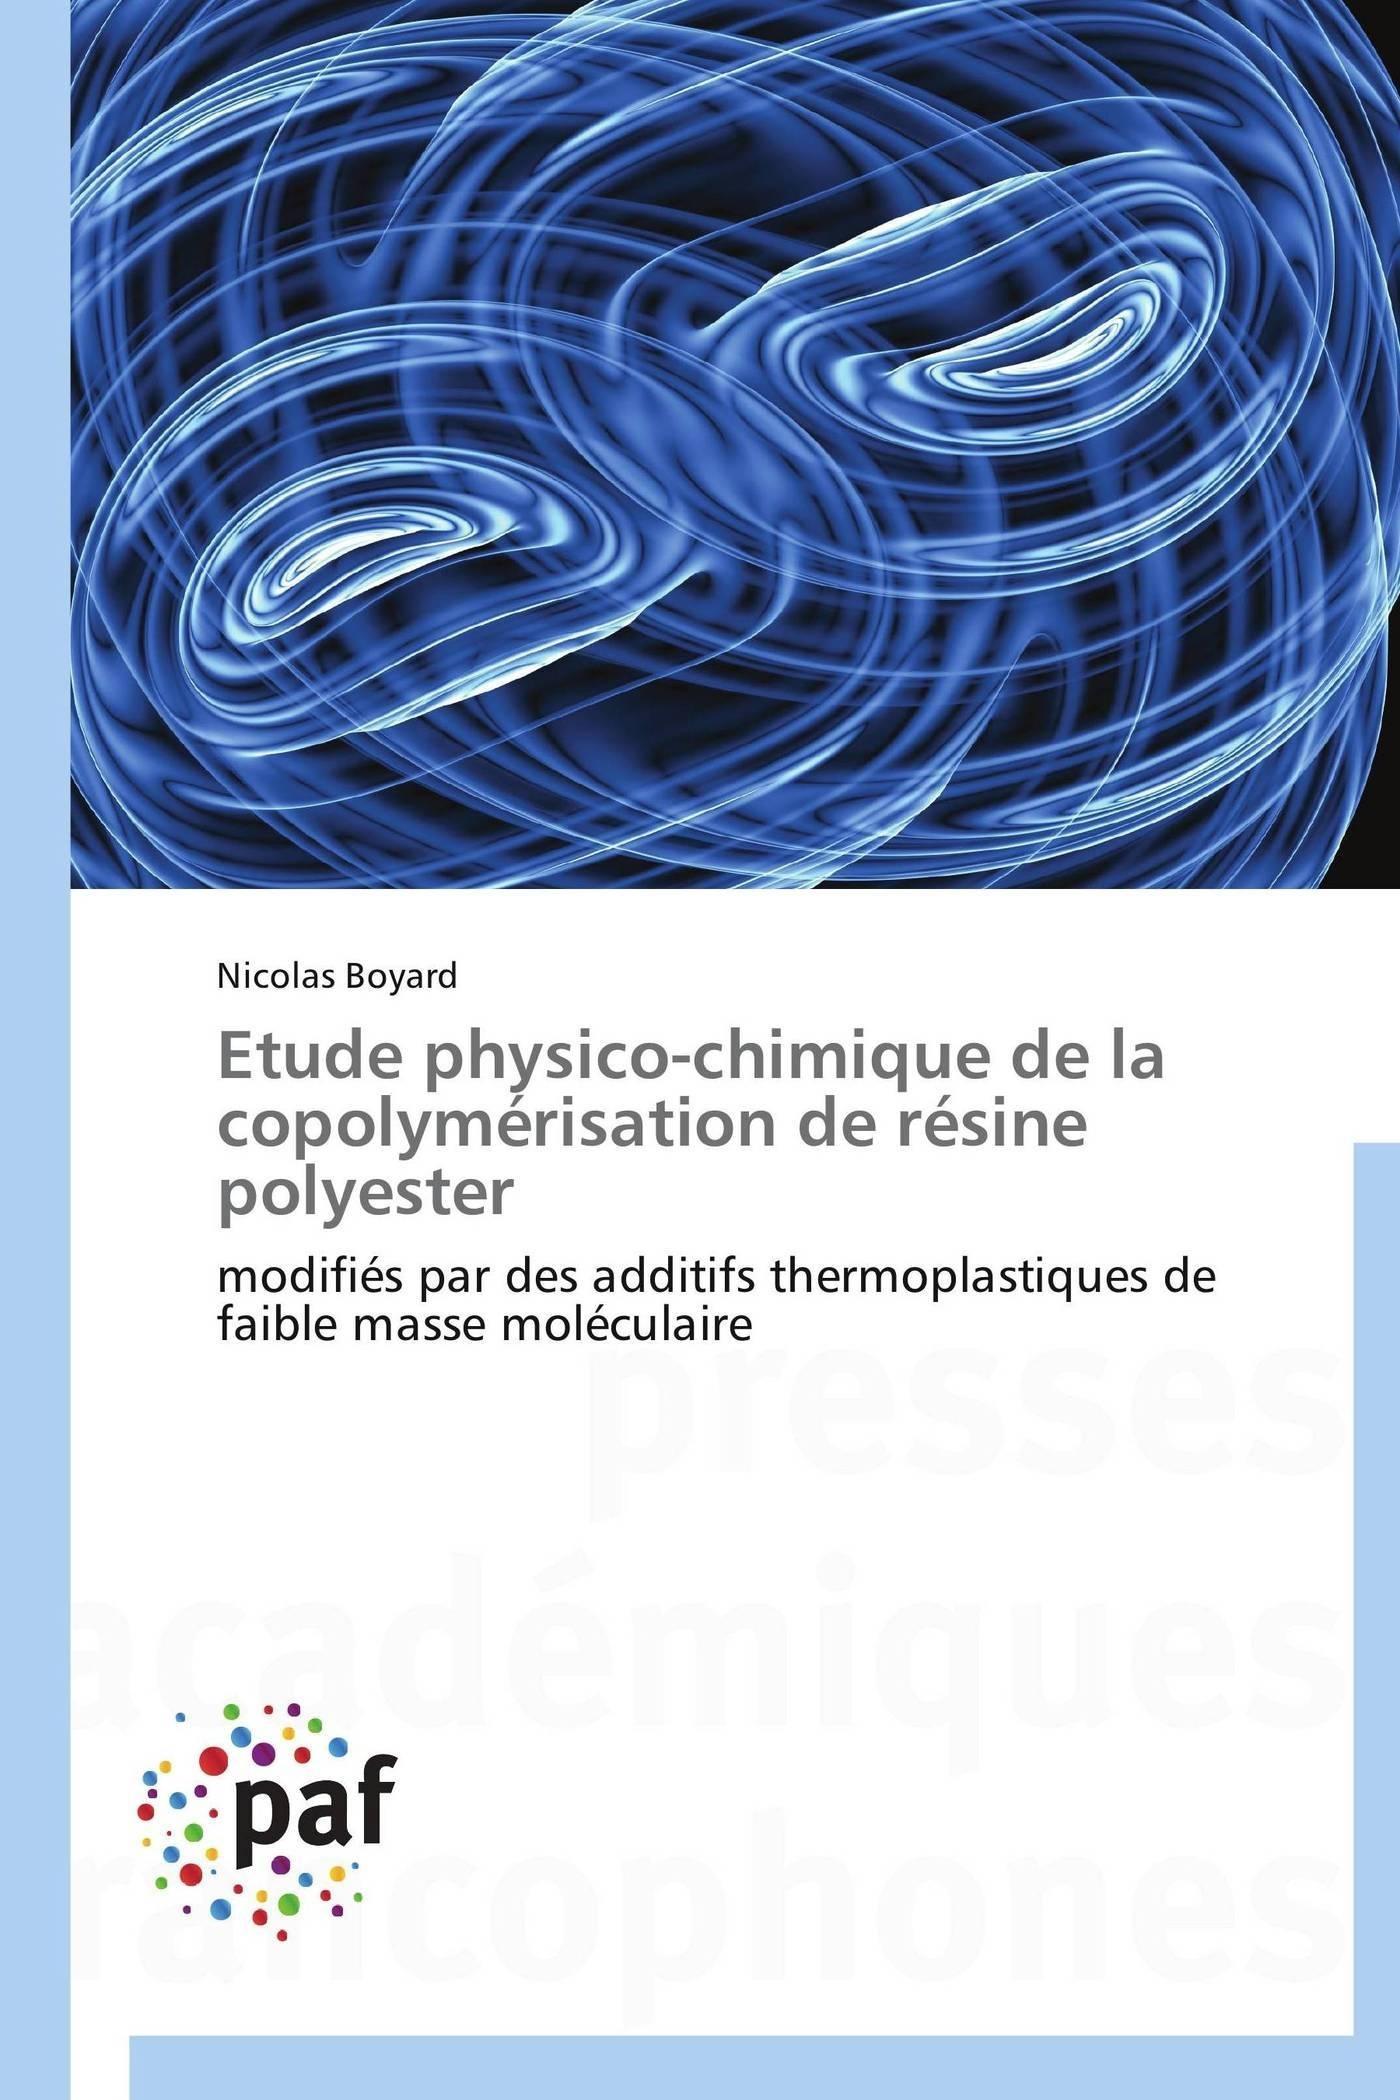 ETUDE PHYSICO-CHIMIQUE DE LA COPOLYMERISATION DE RESINE POLYESTER